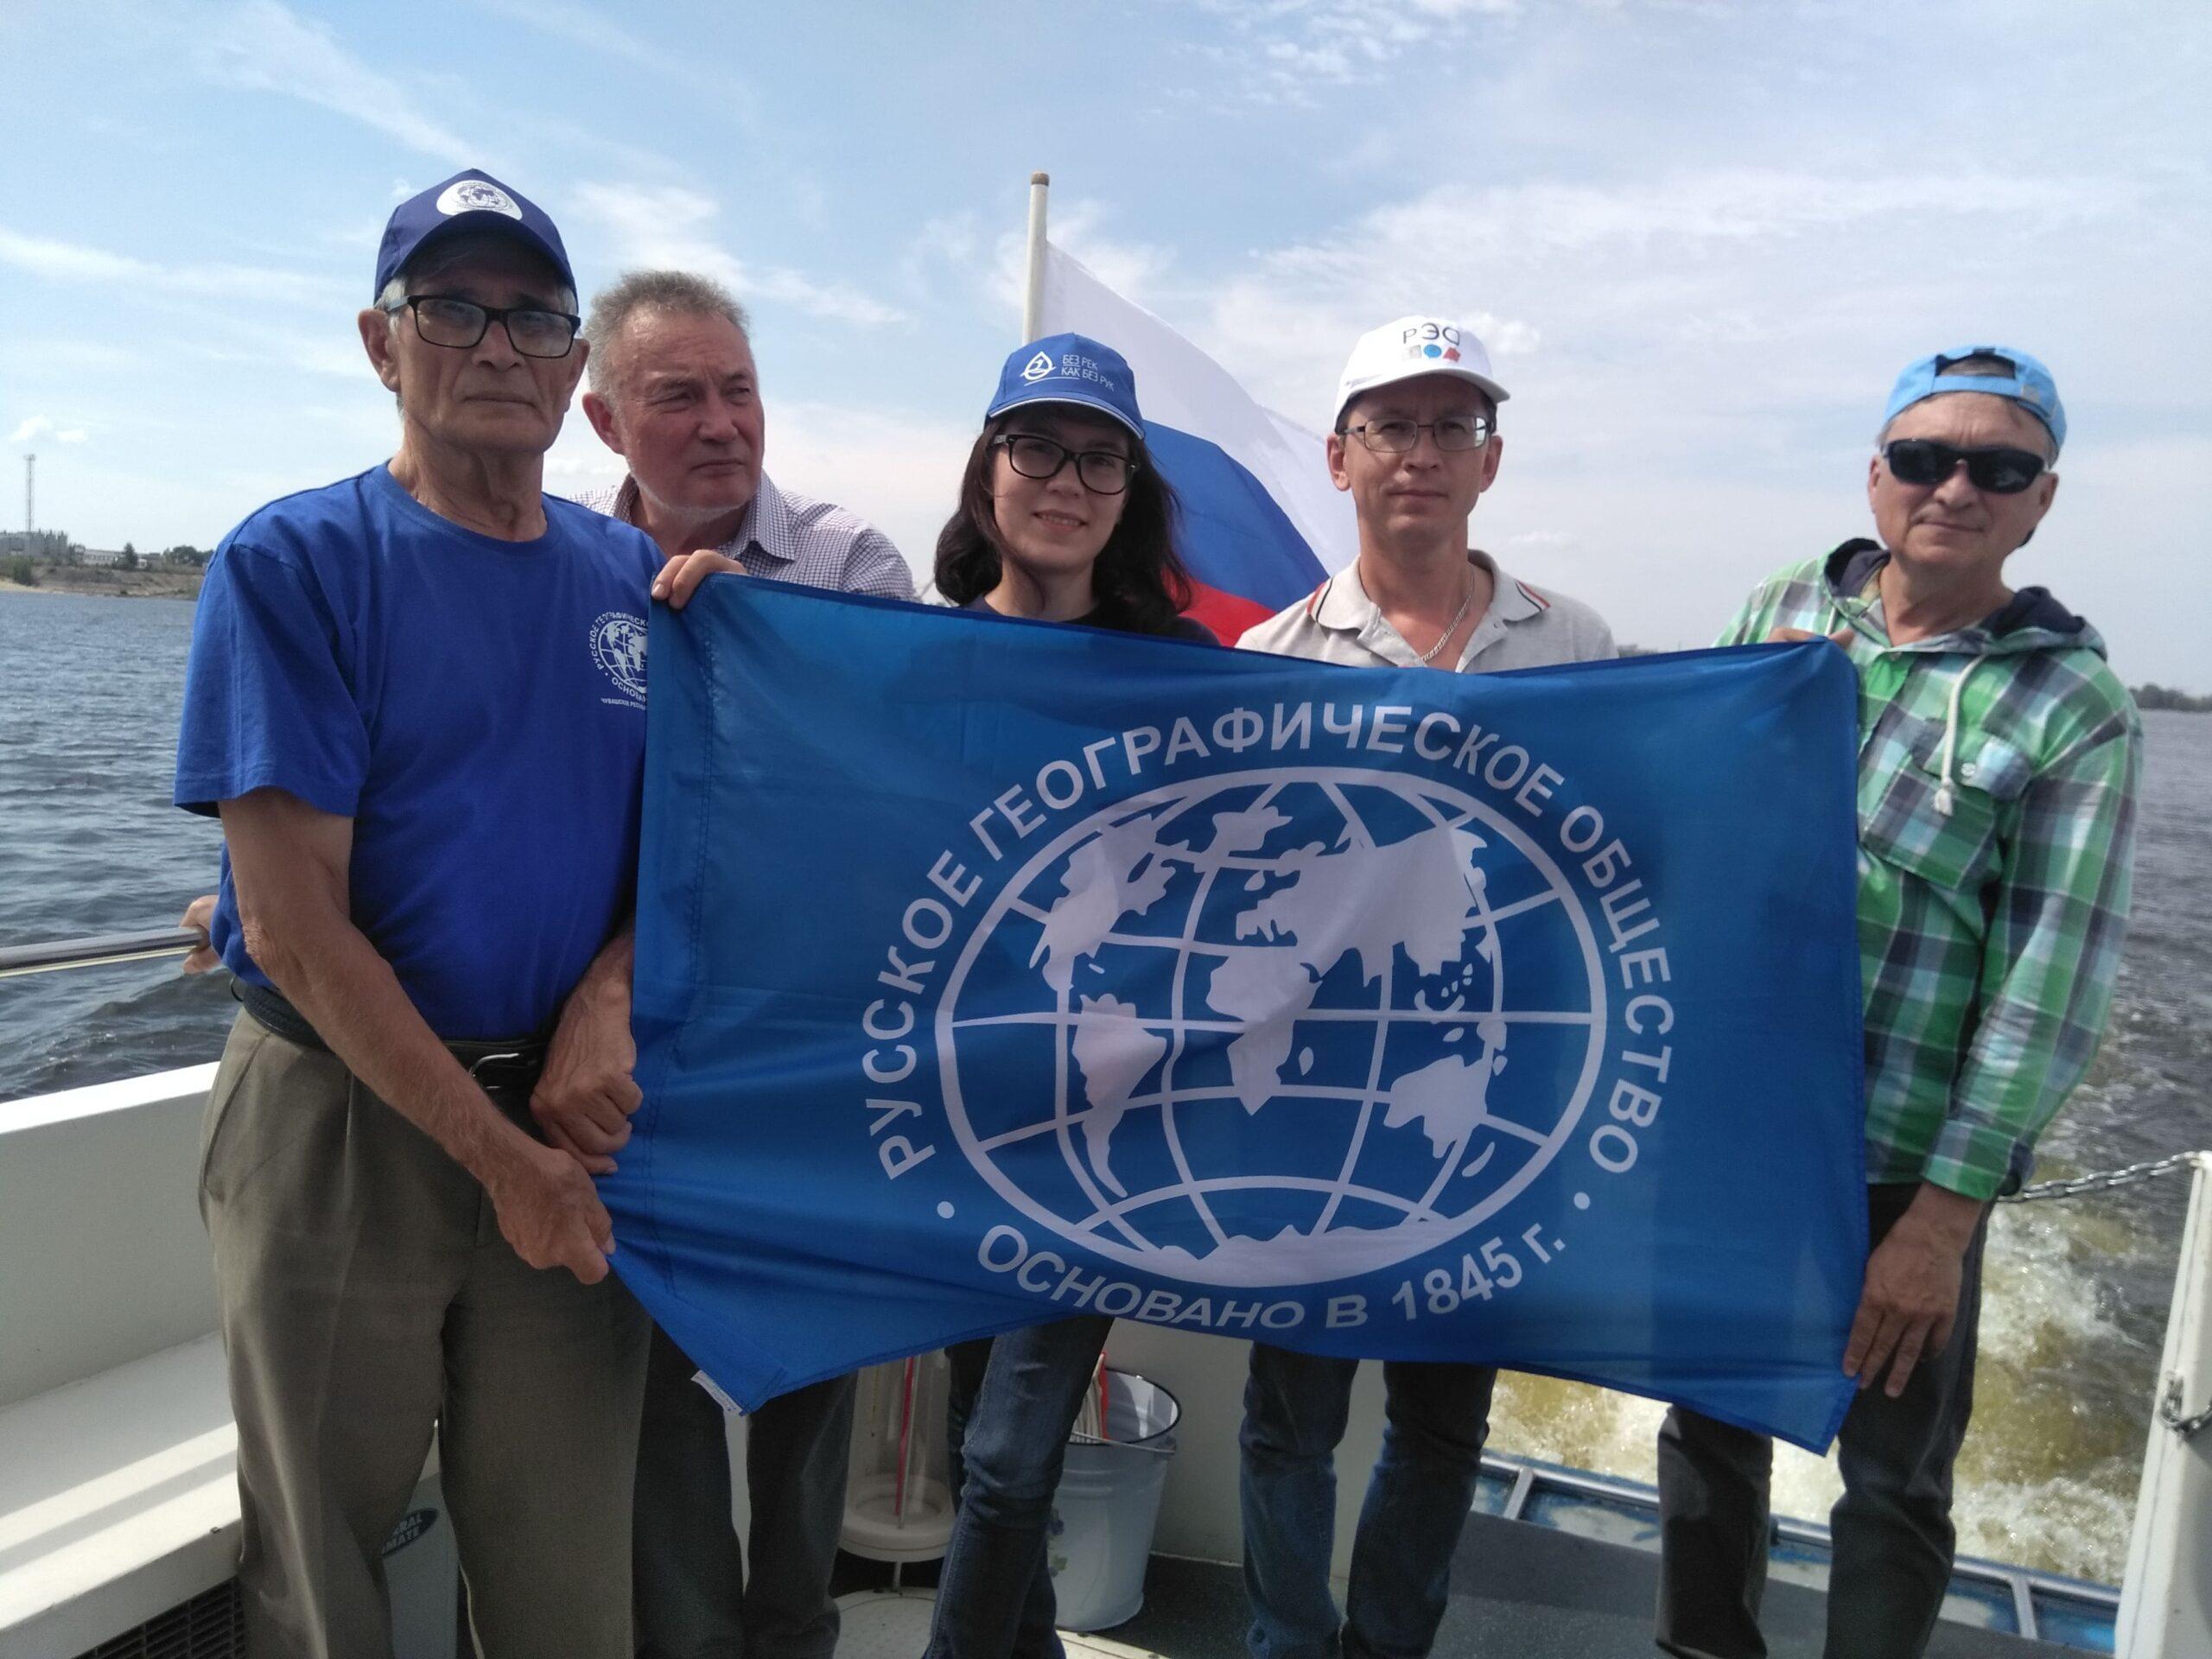 Эксперты Российского экологического общества мониторят качество воды Чувашского водохранилища